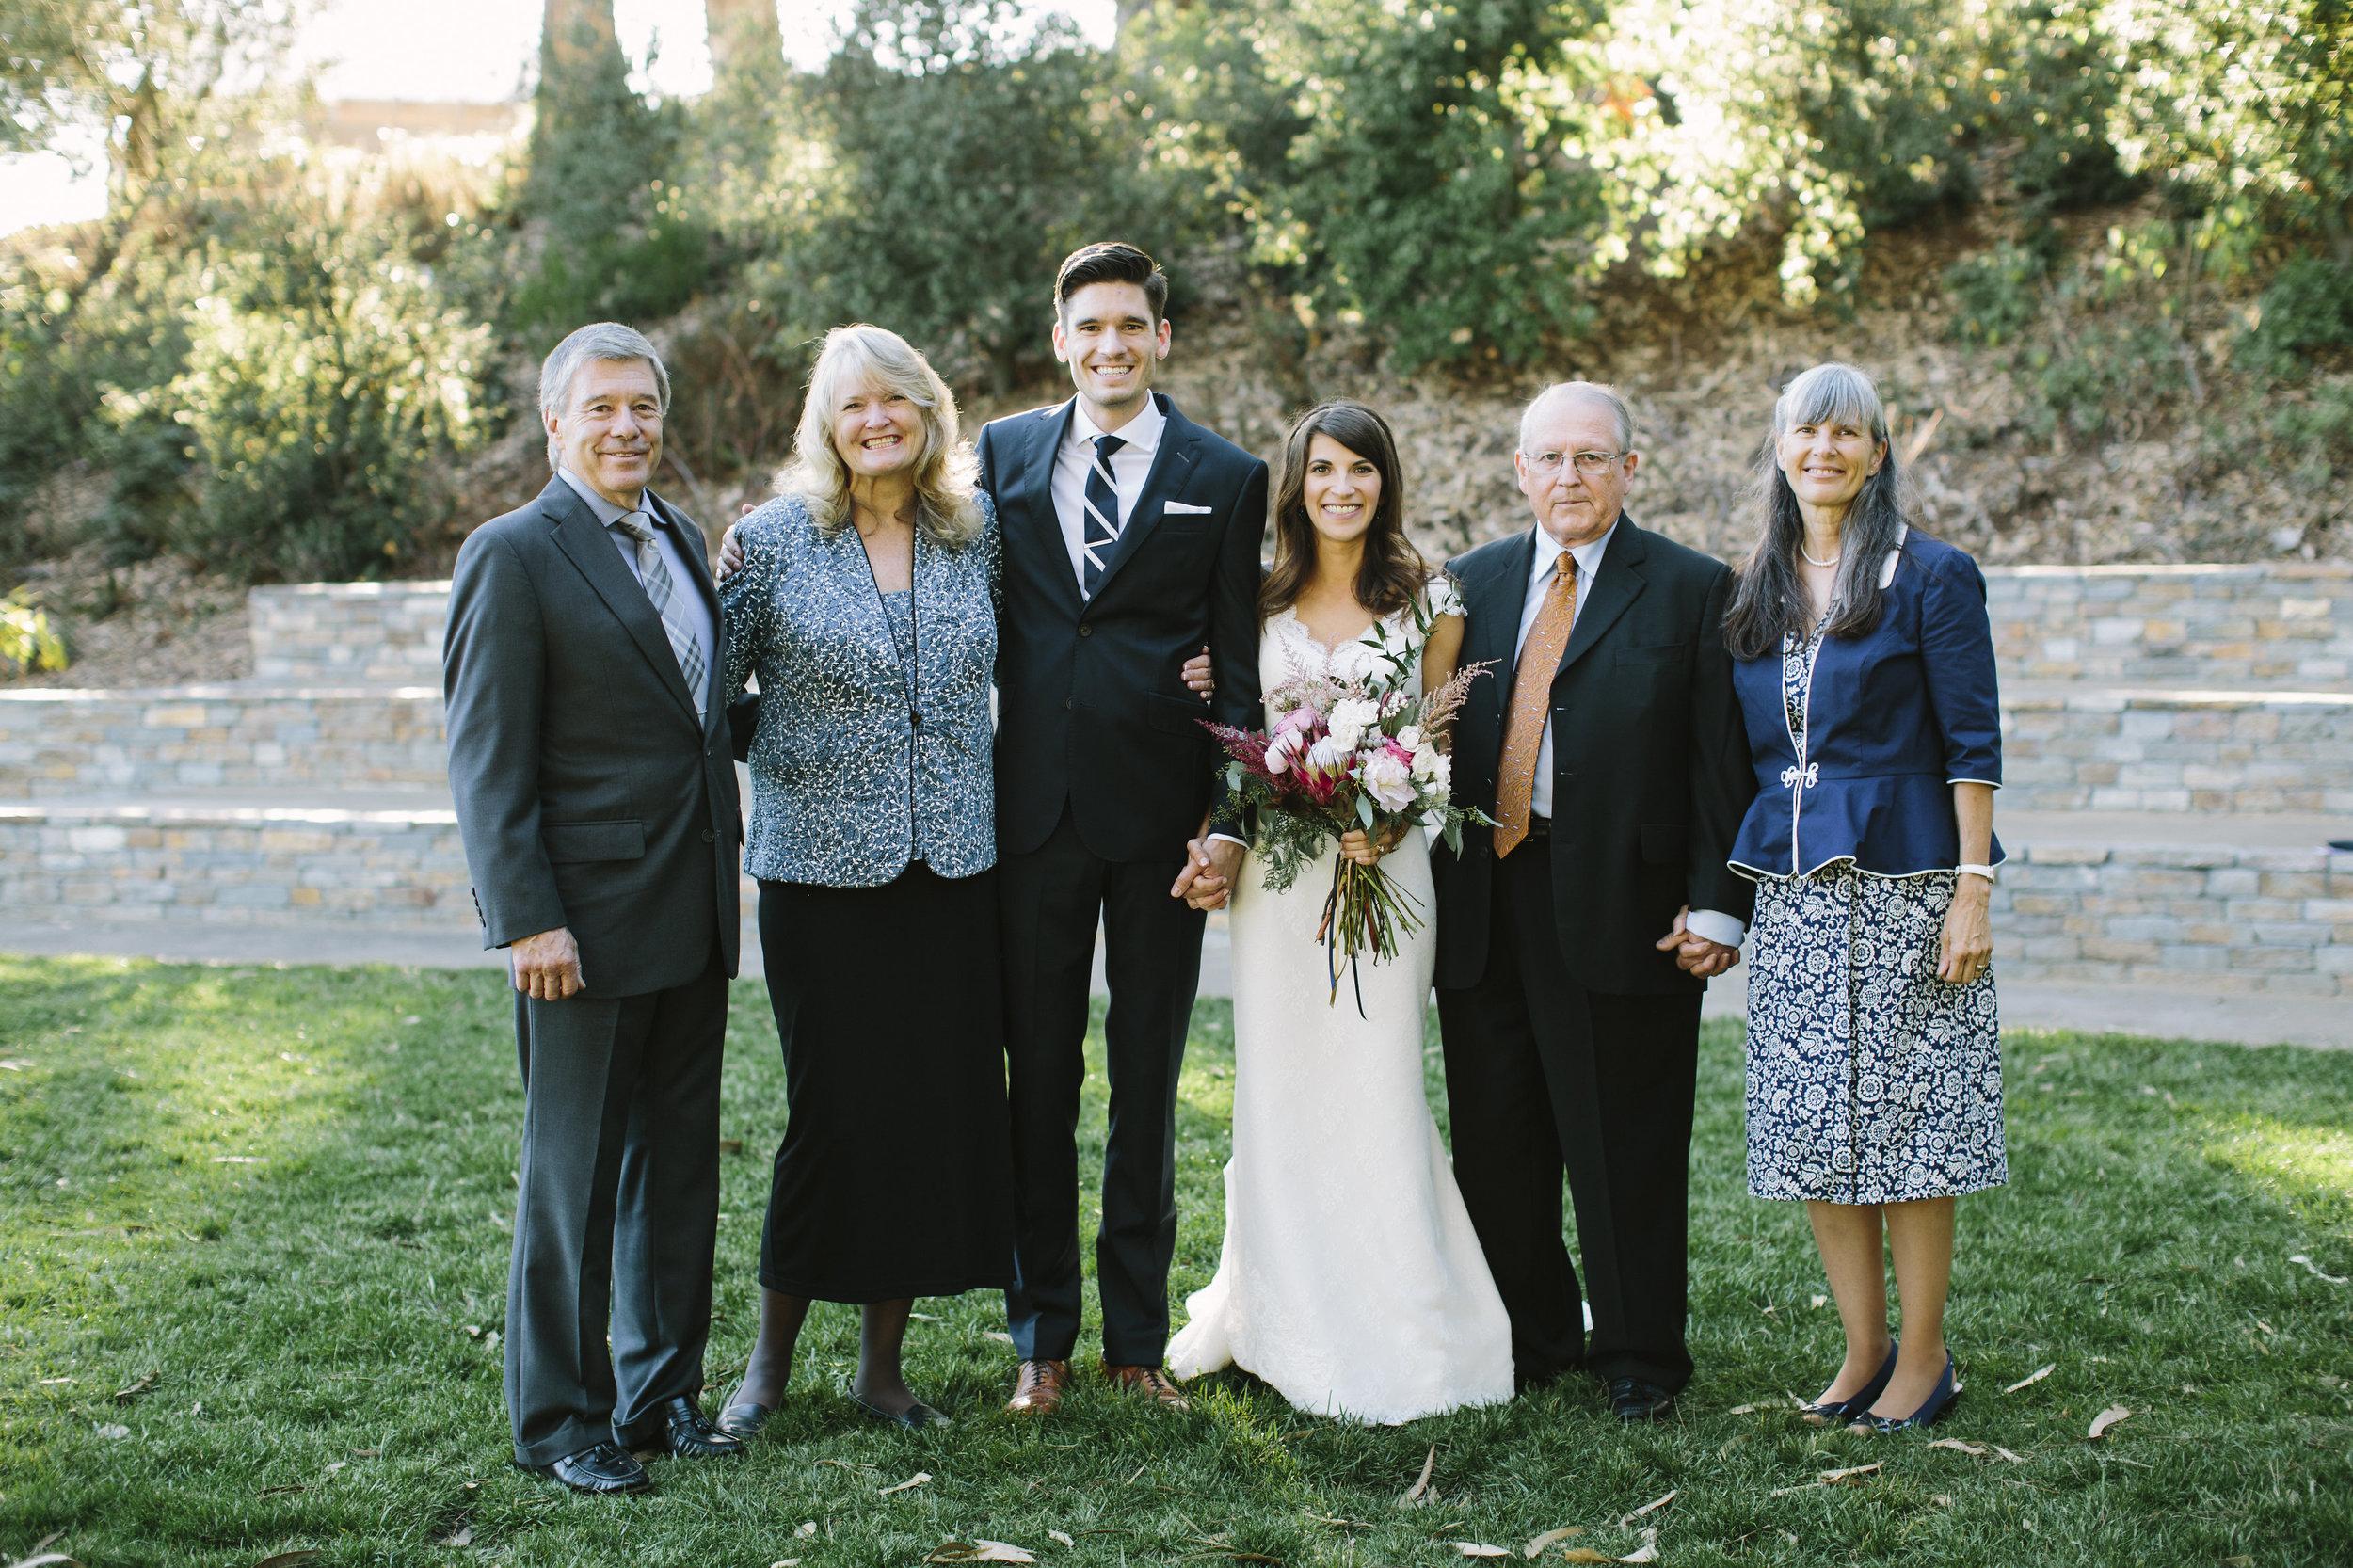 megan_brett_wedding-0356.jpg